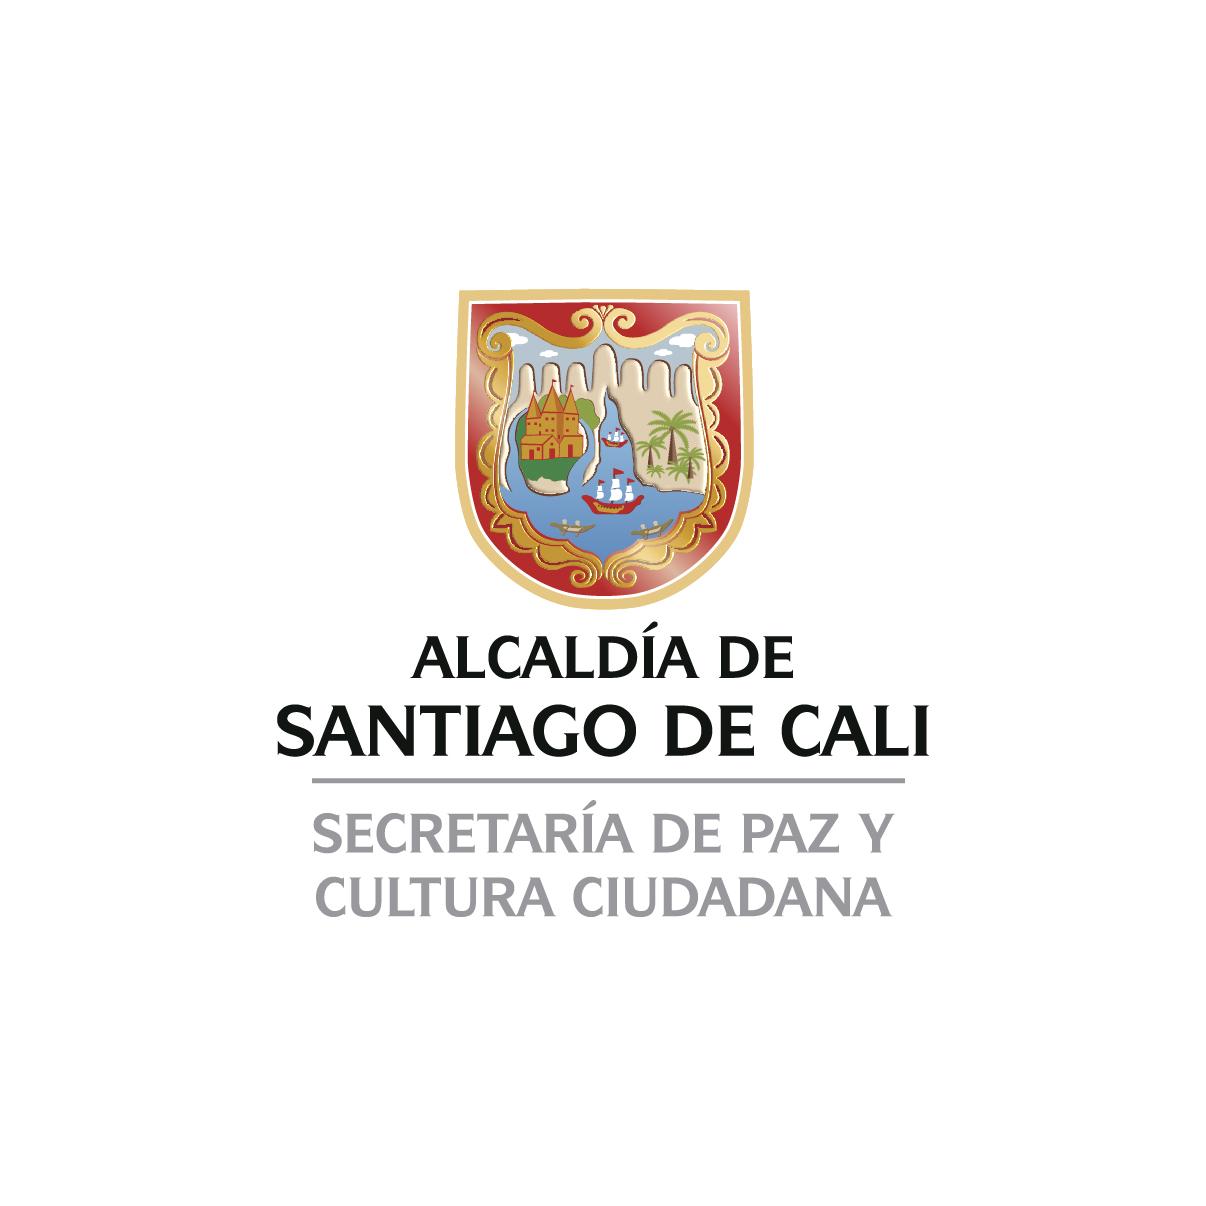 secretaria-de-paz-y-cultura-ciudadana